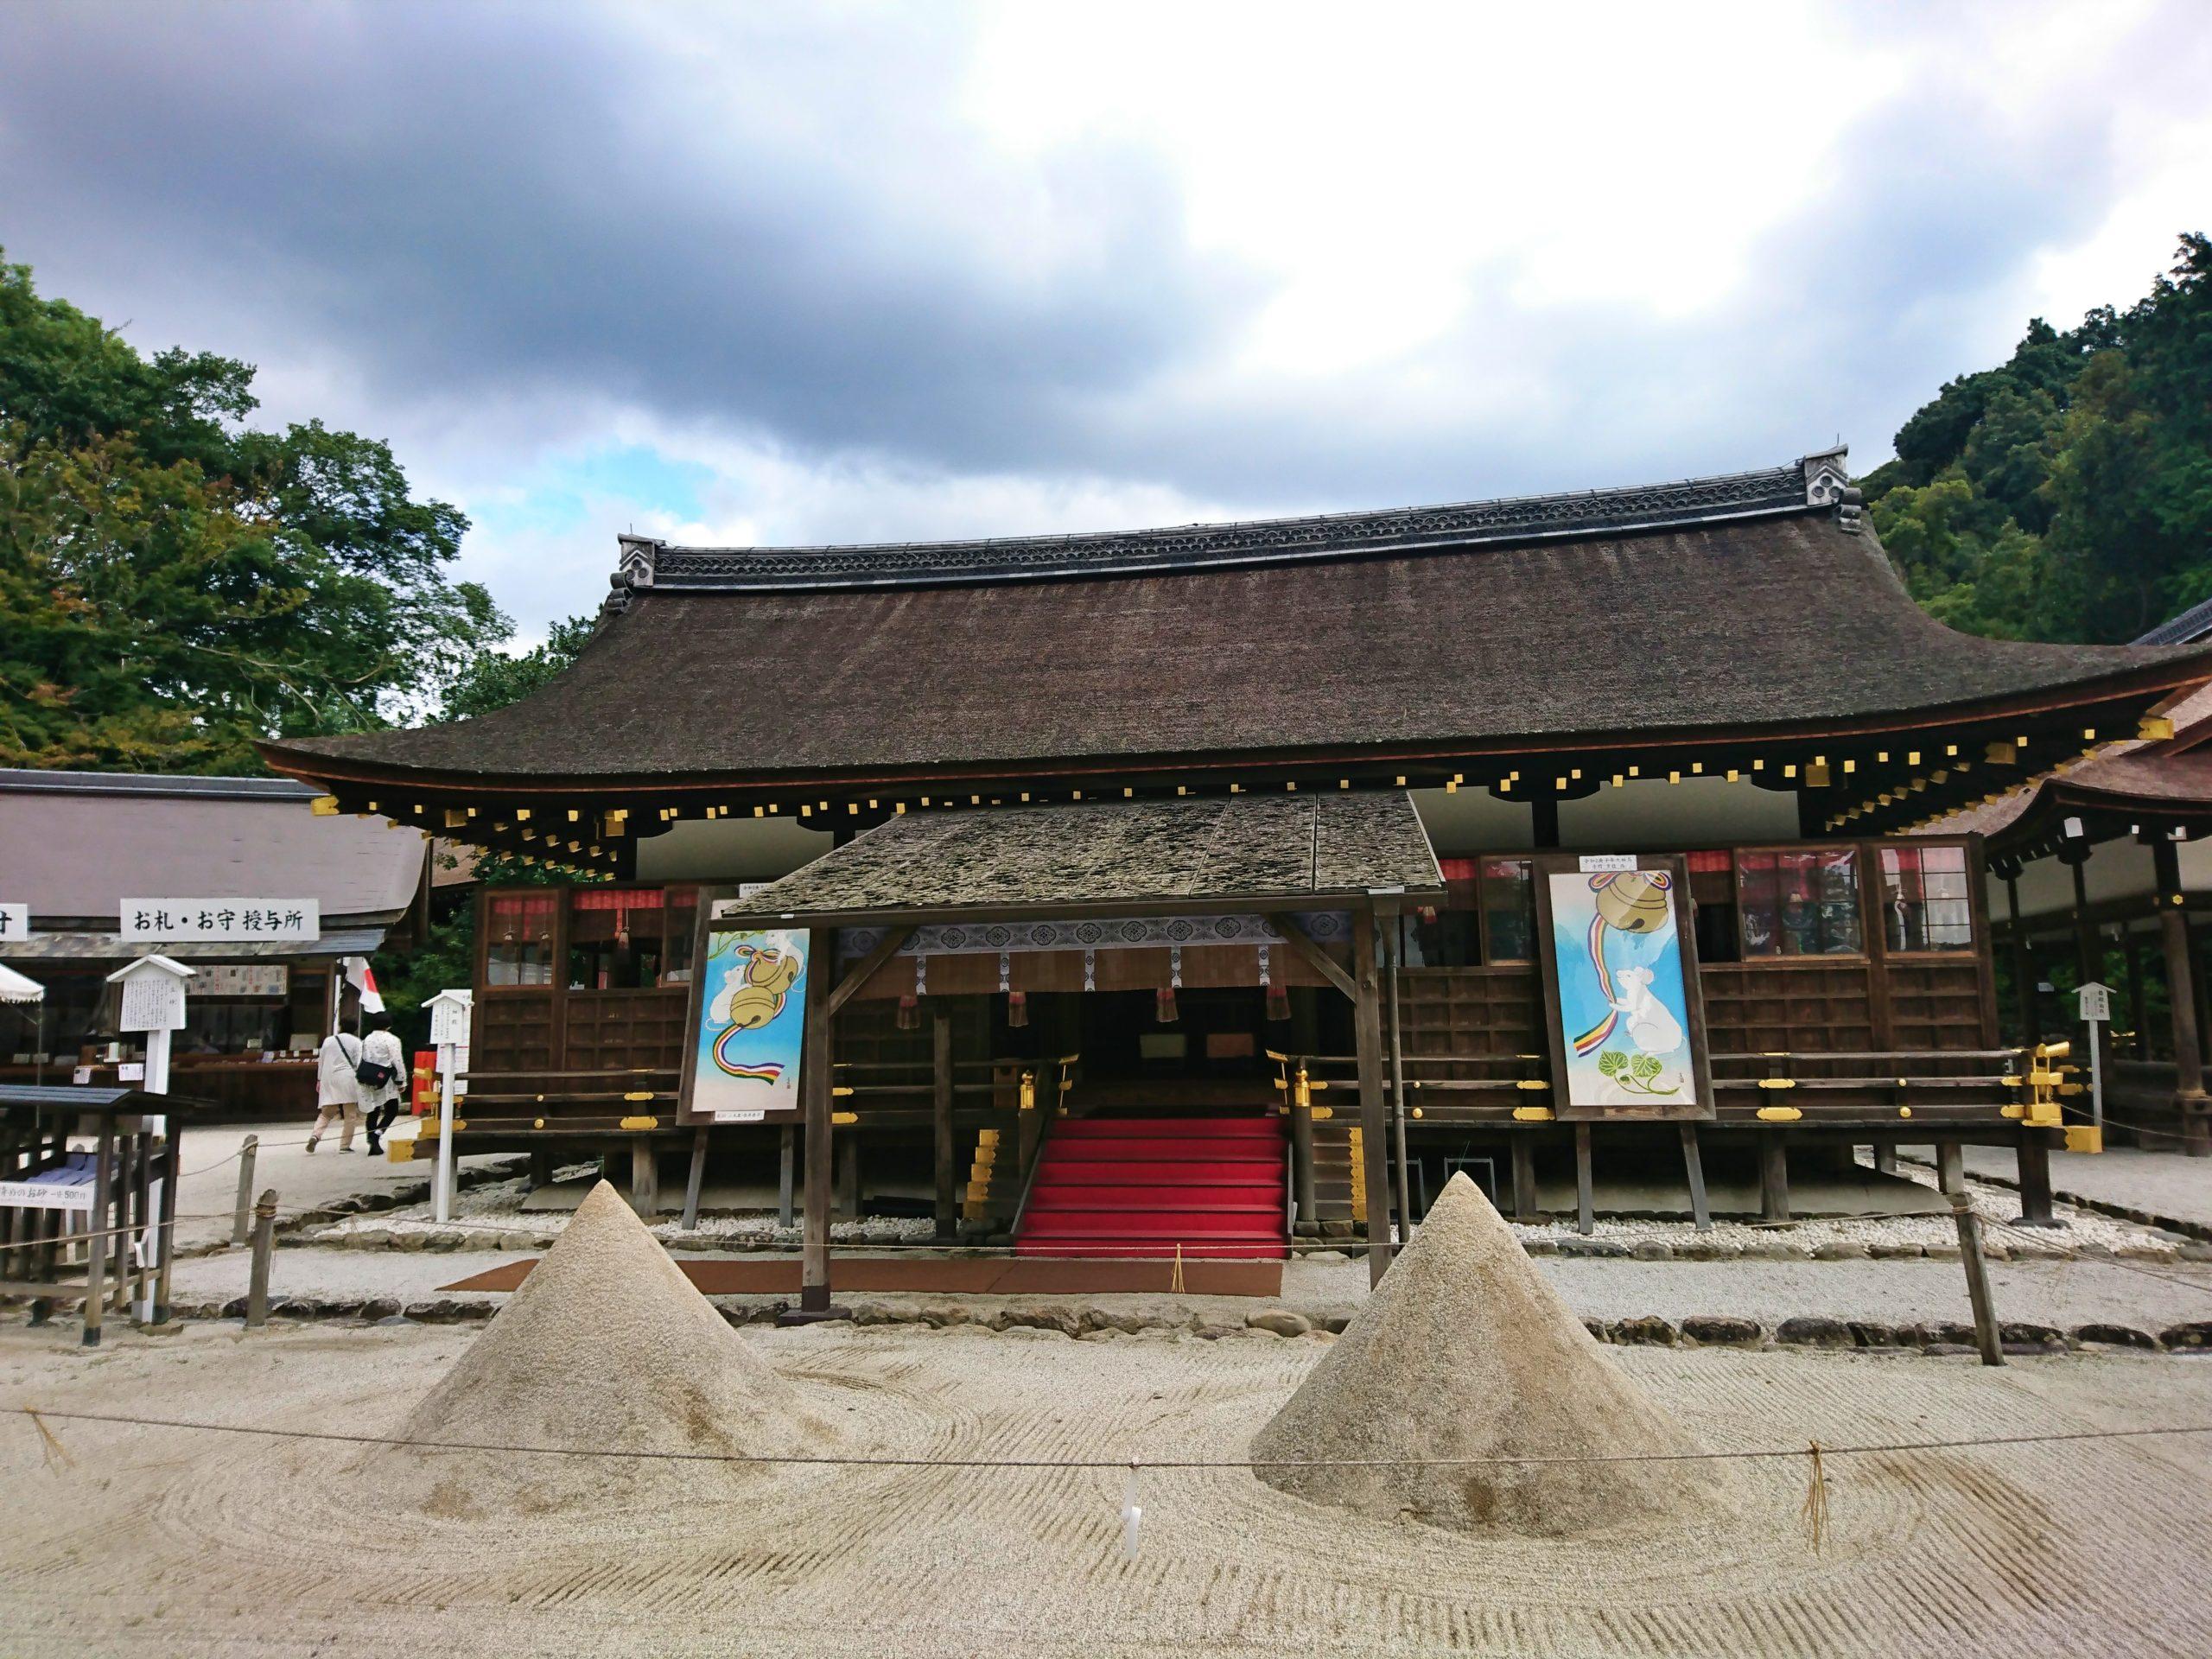 上賀茂神社の細殿の前にある立て砂